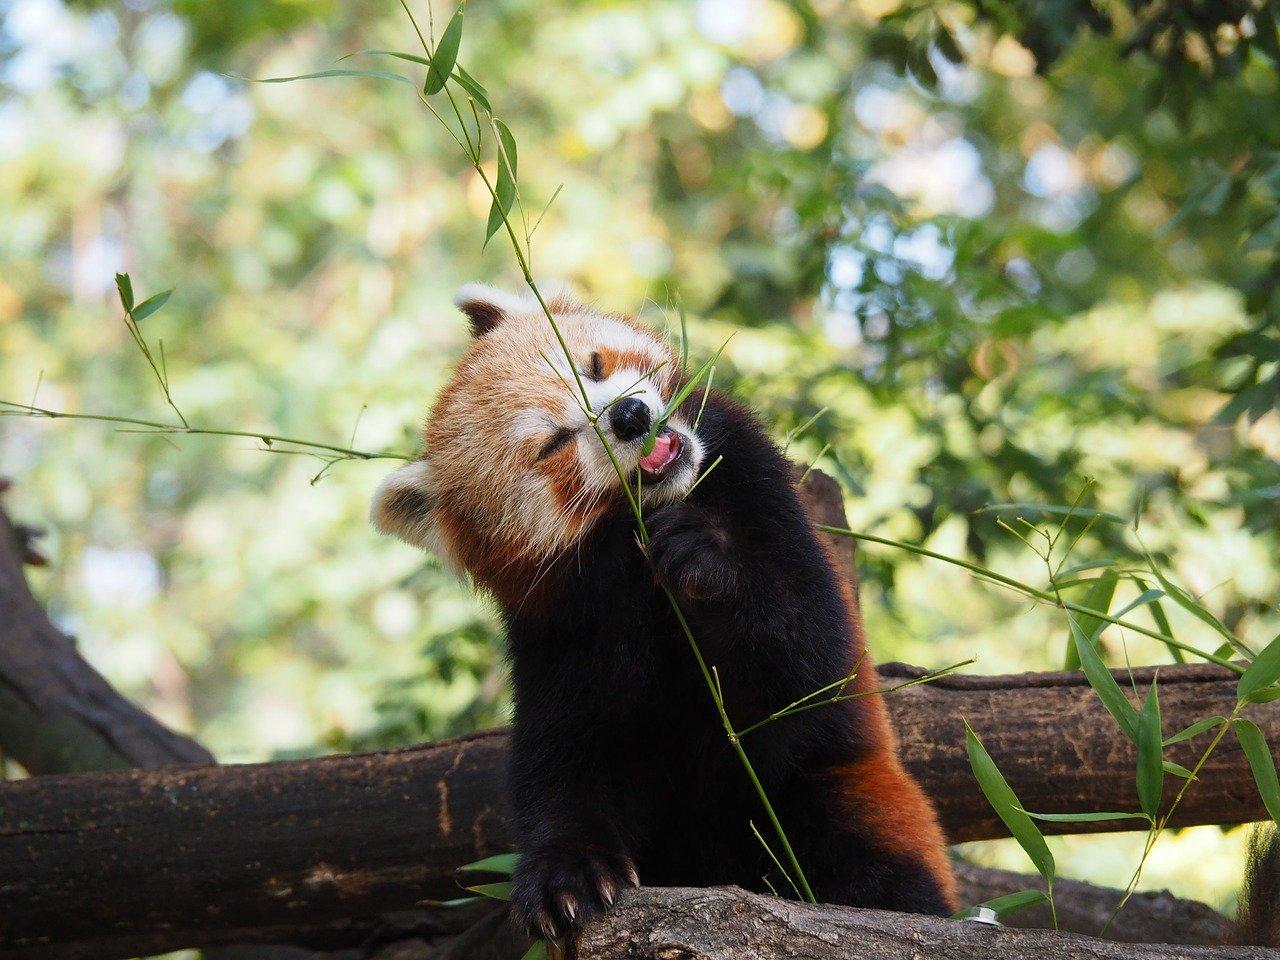 roter panda bambus red panda bamboo